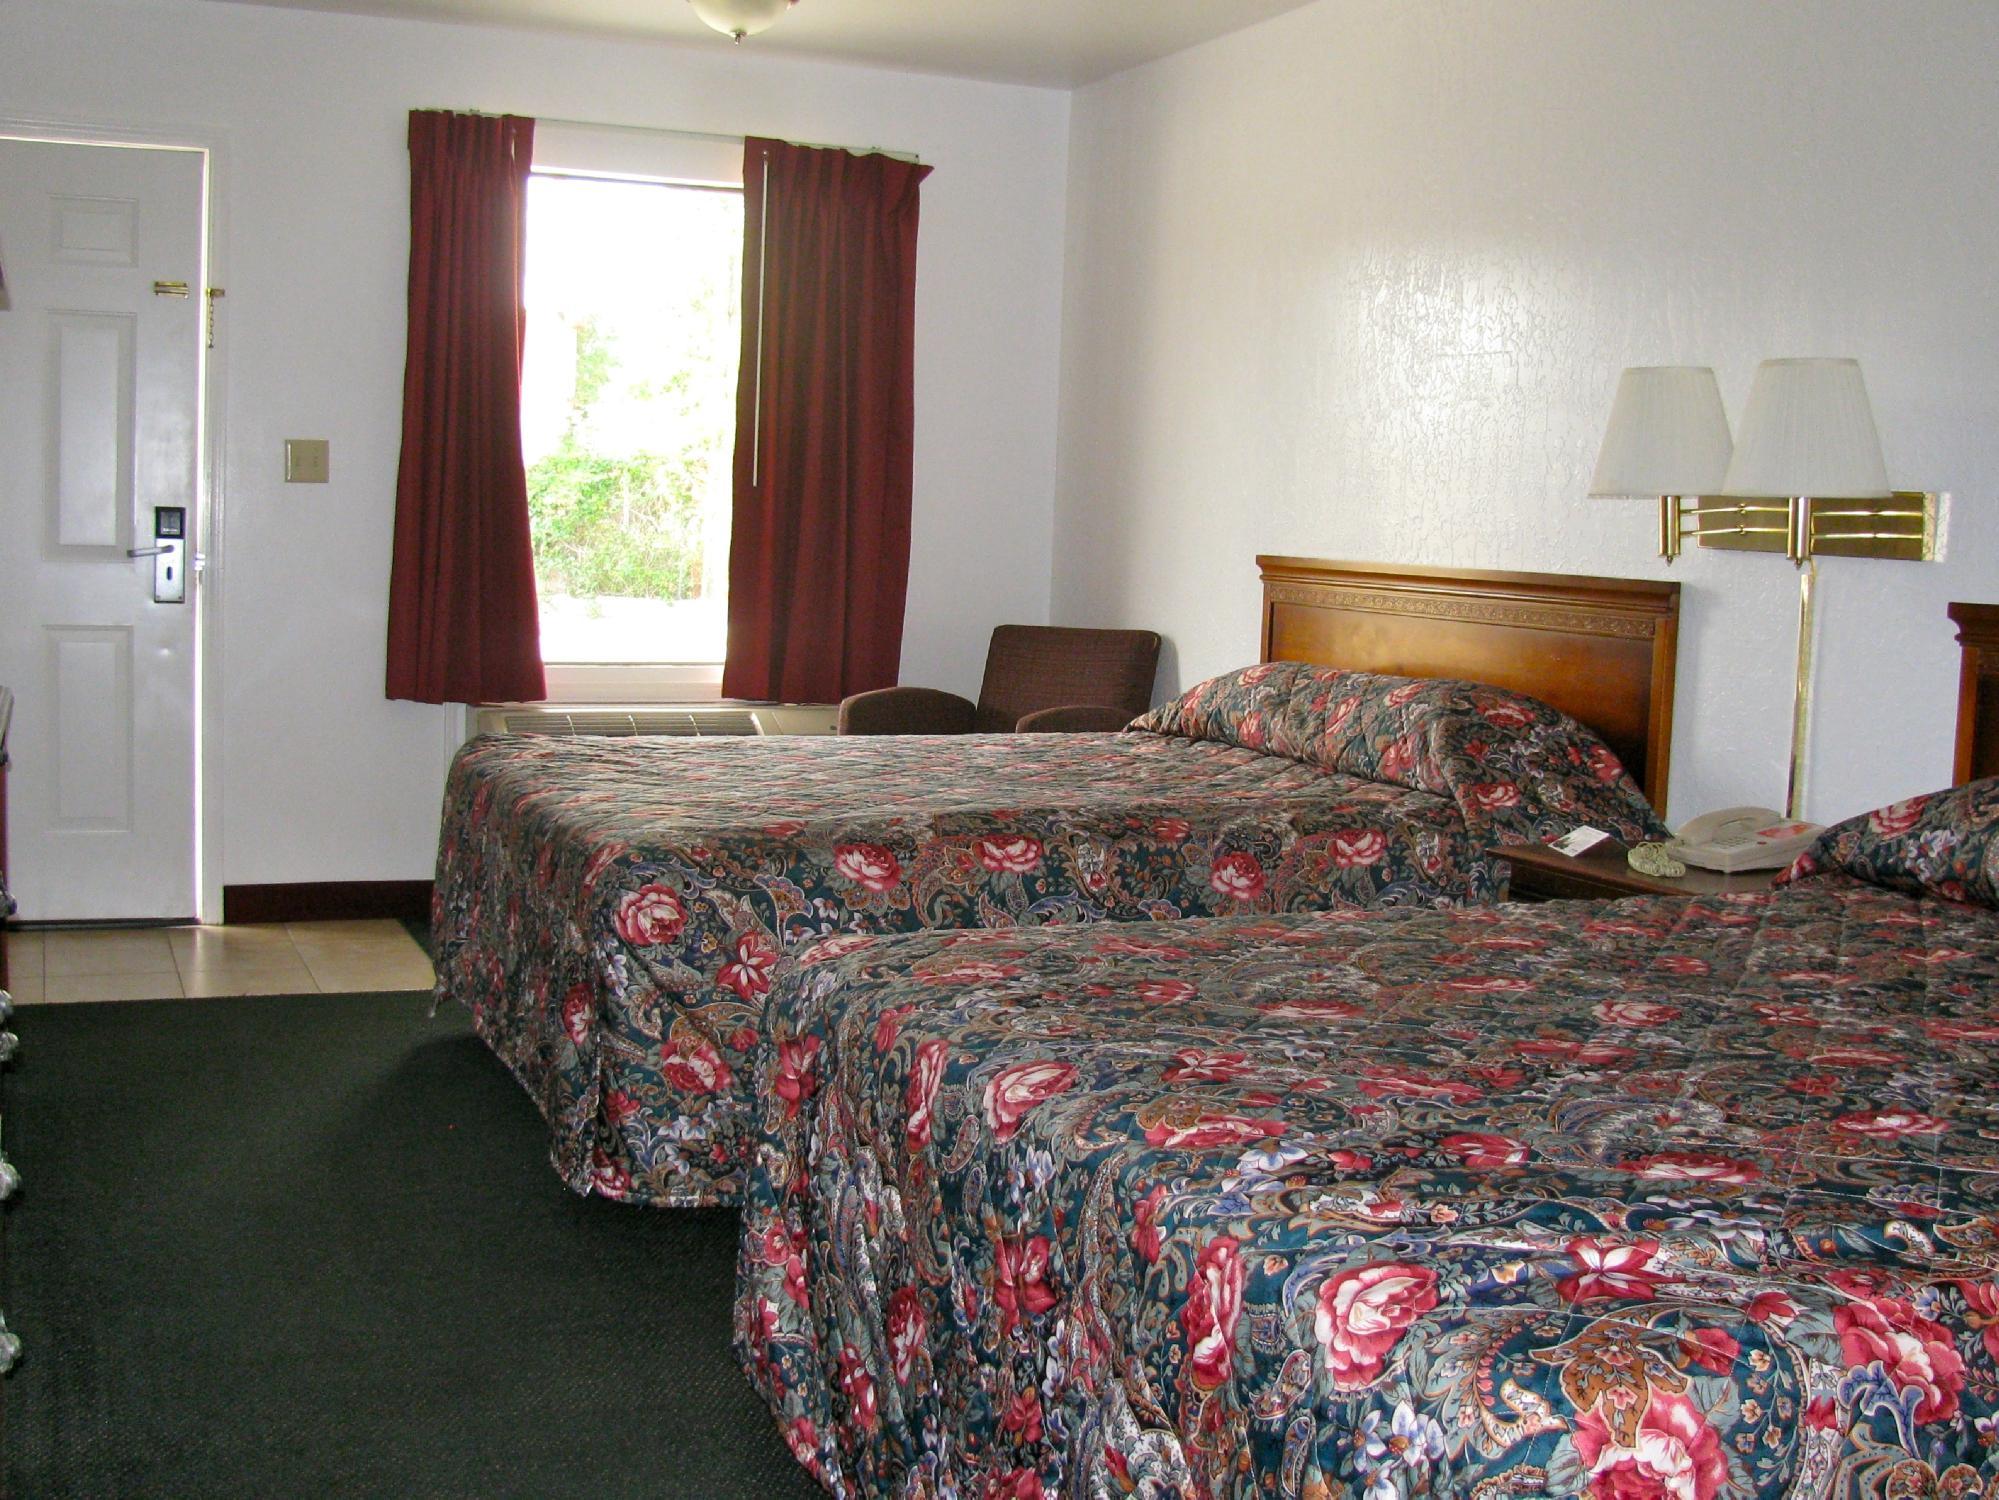 Traveler's Rest Motel